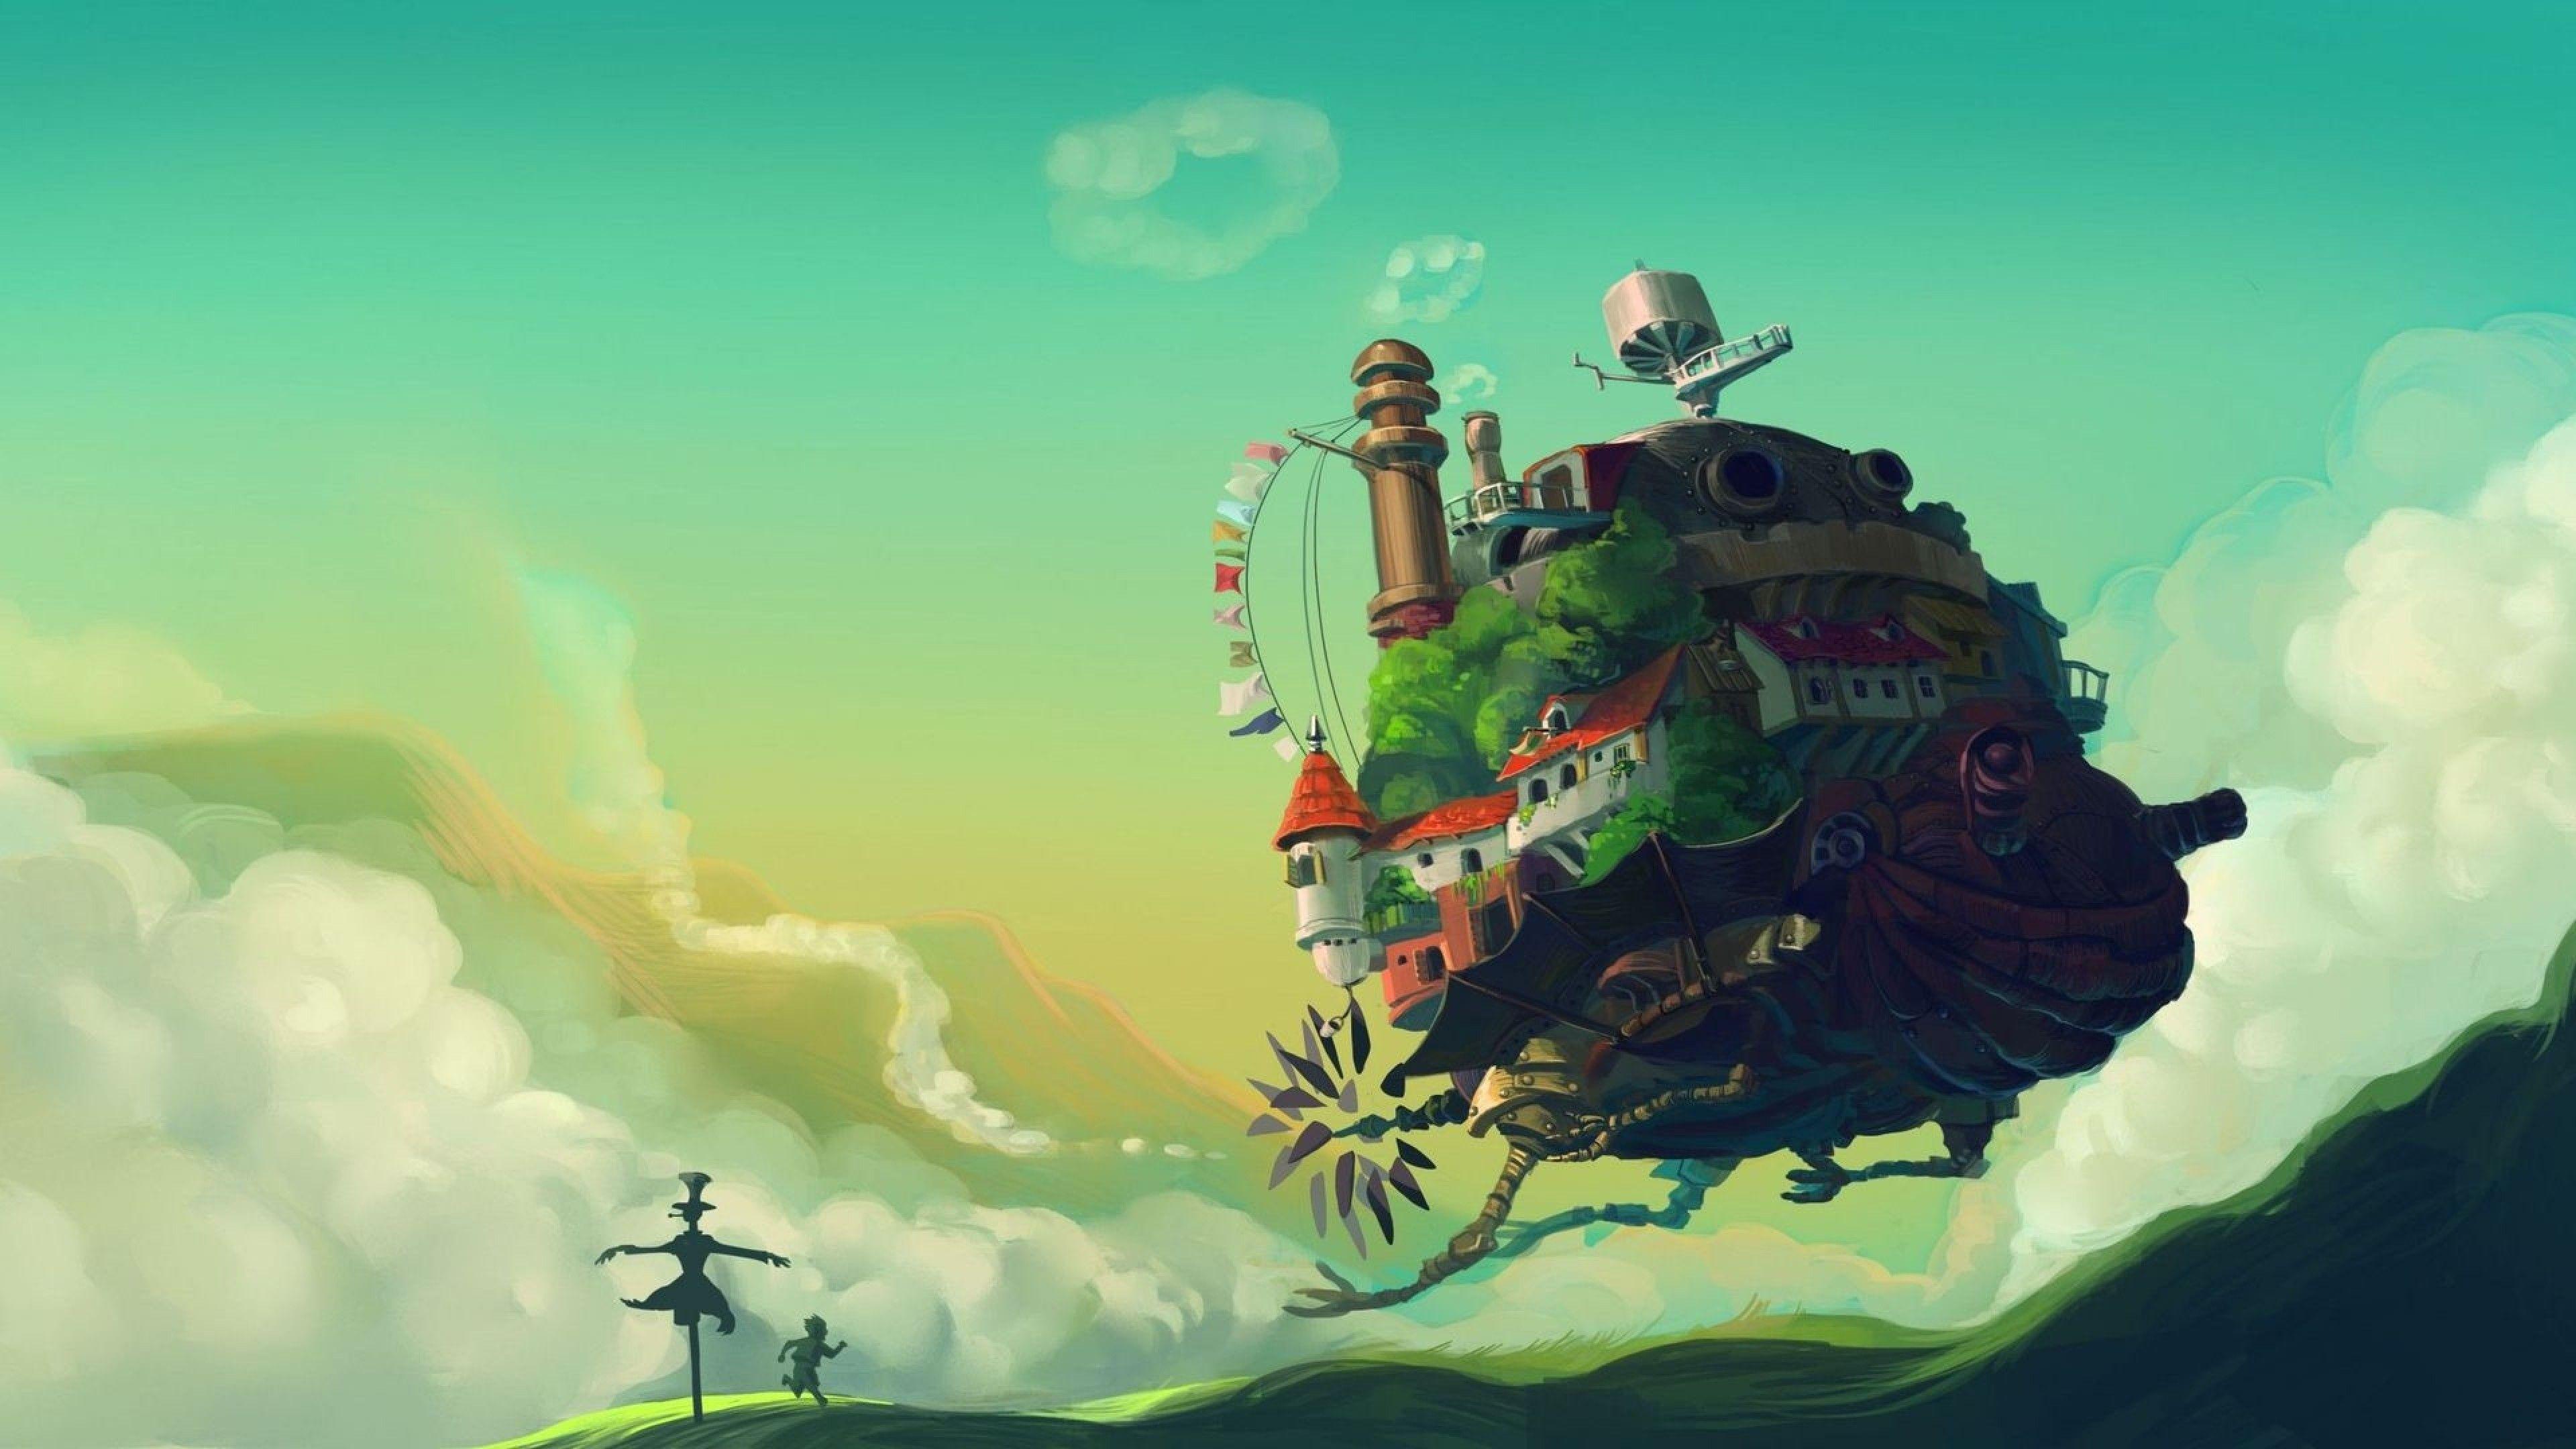 Studio Ghibli Desktop Wallpapers - Wallpaper Cave